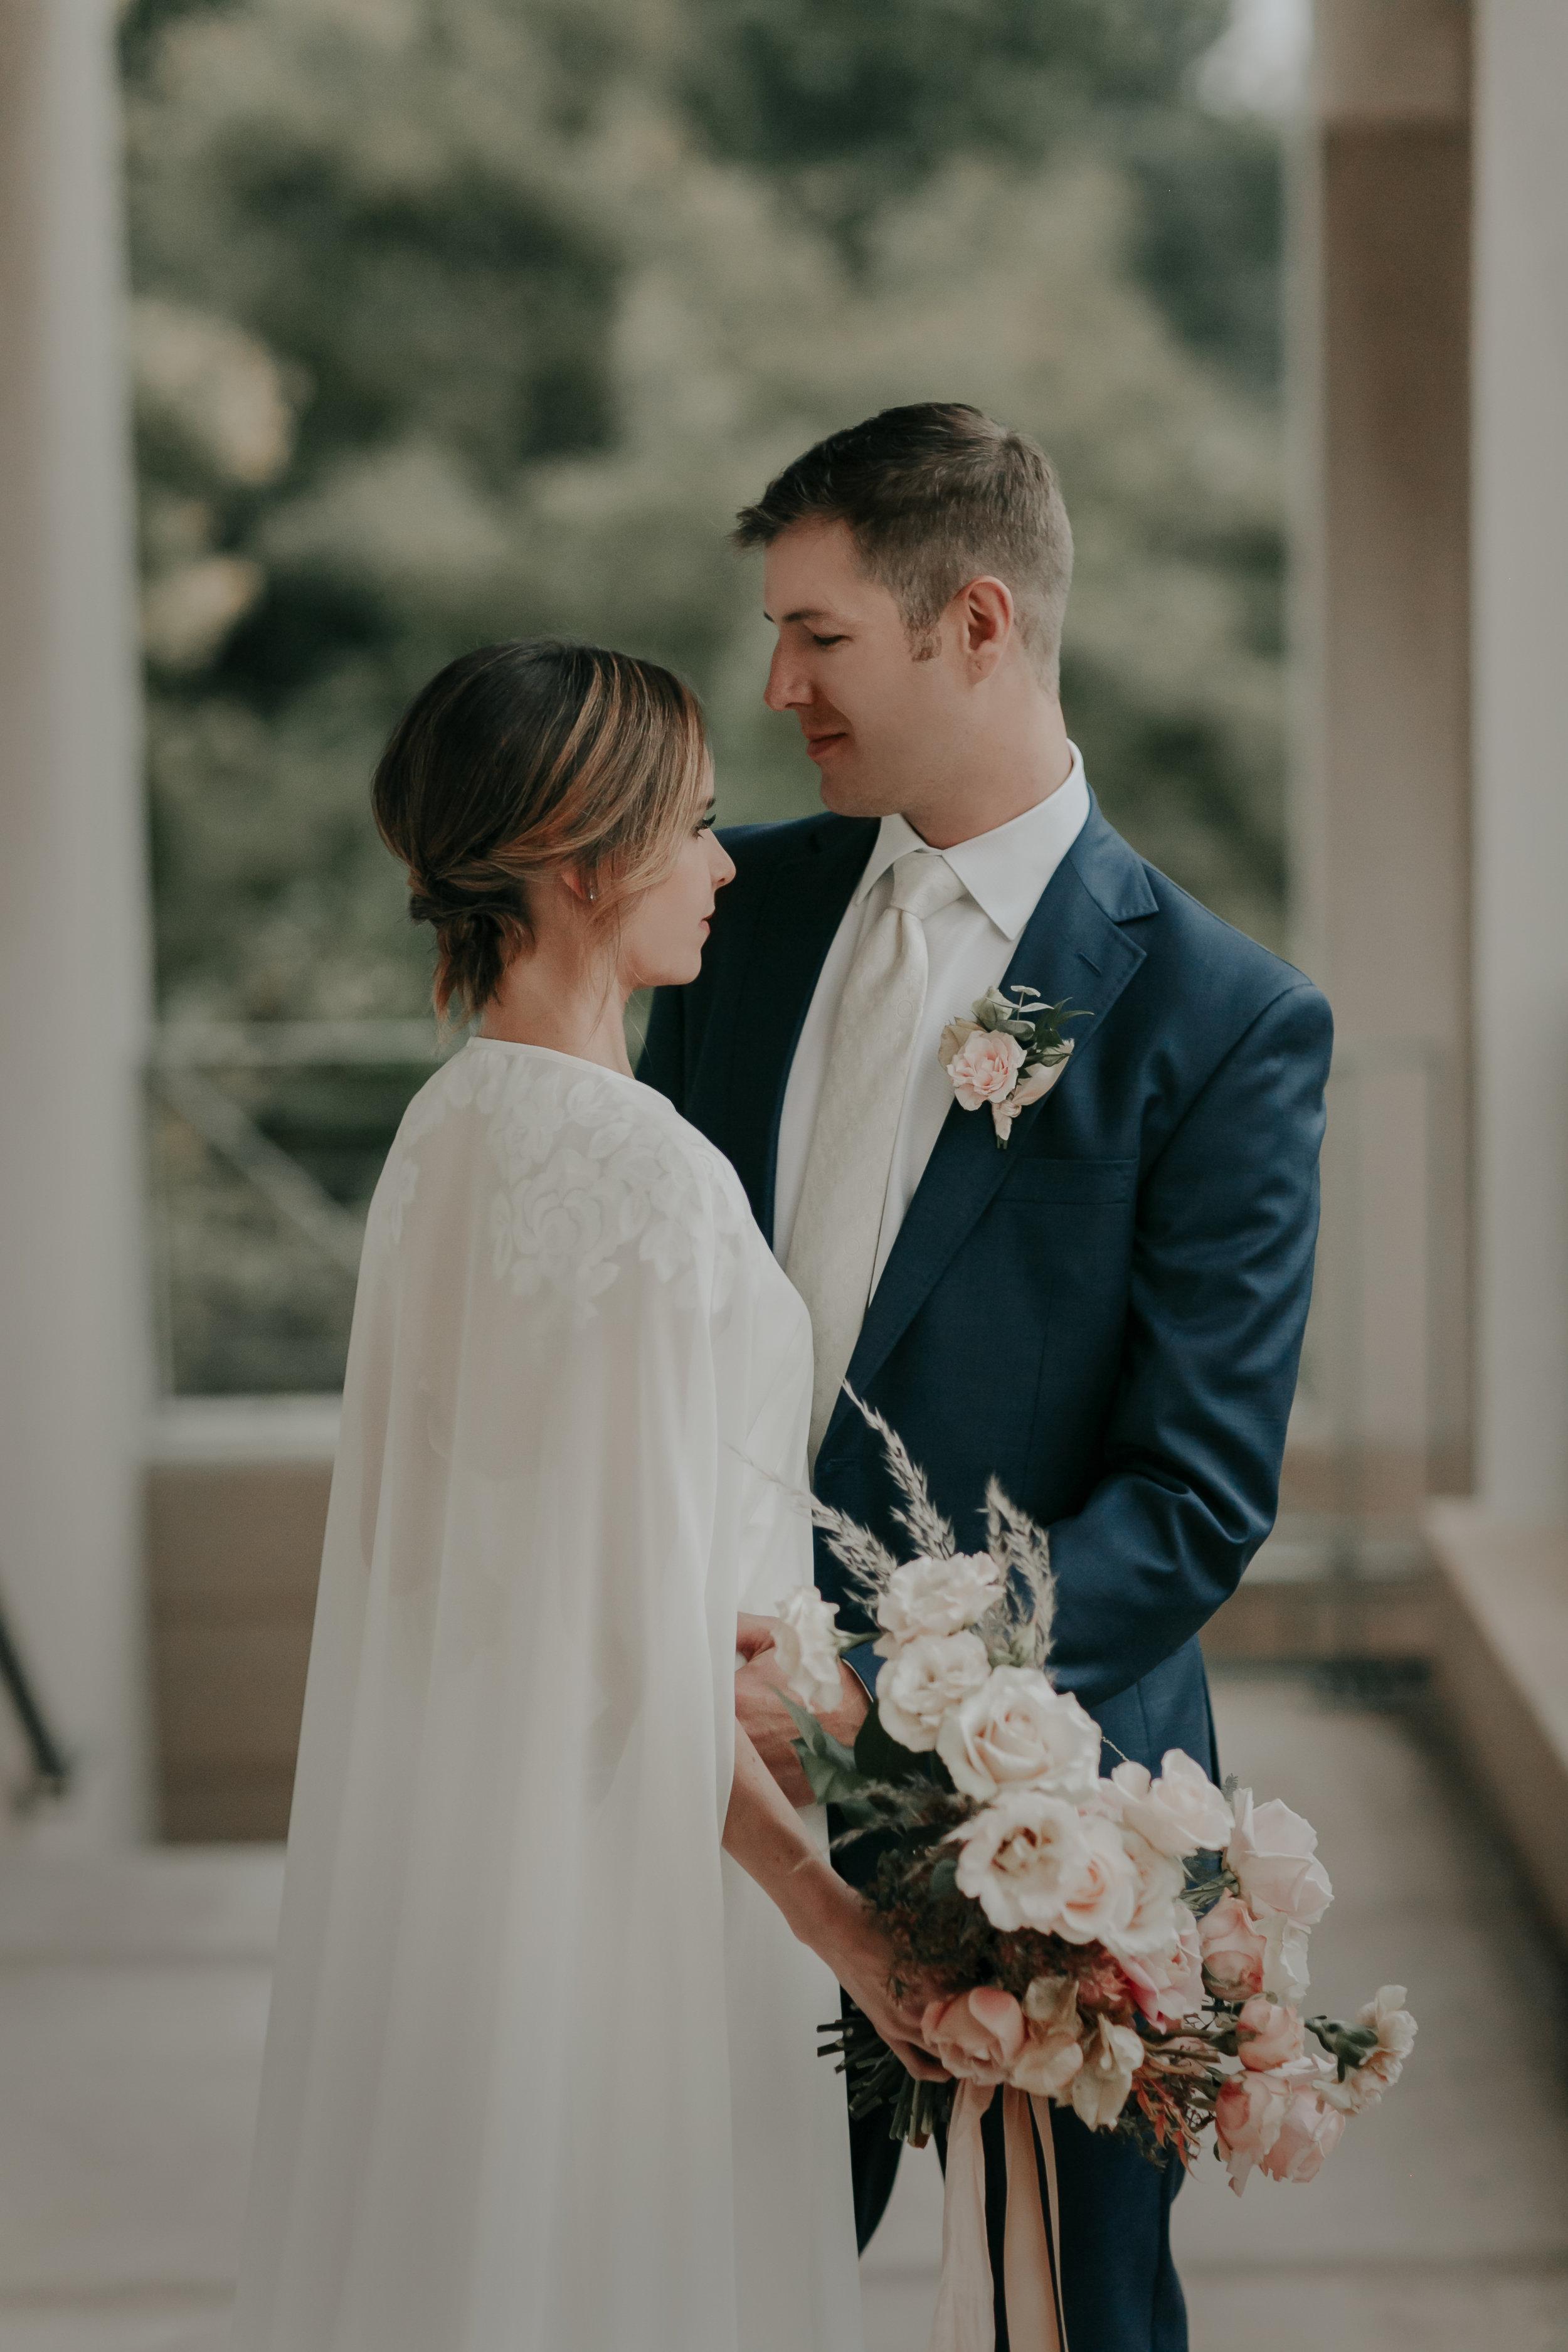 Bride+Groom10.13.18-37.jpg